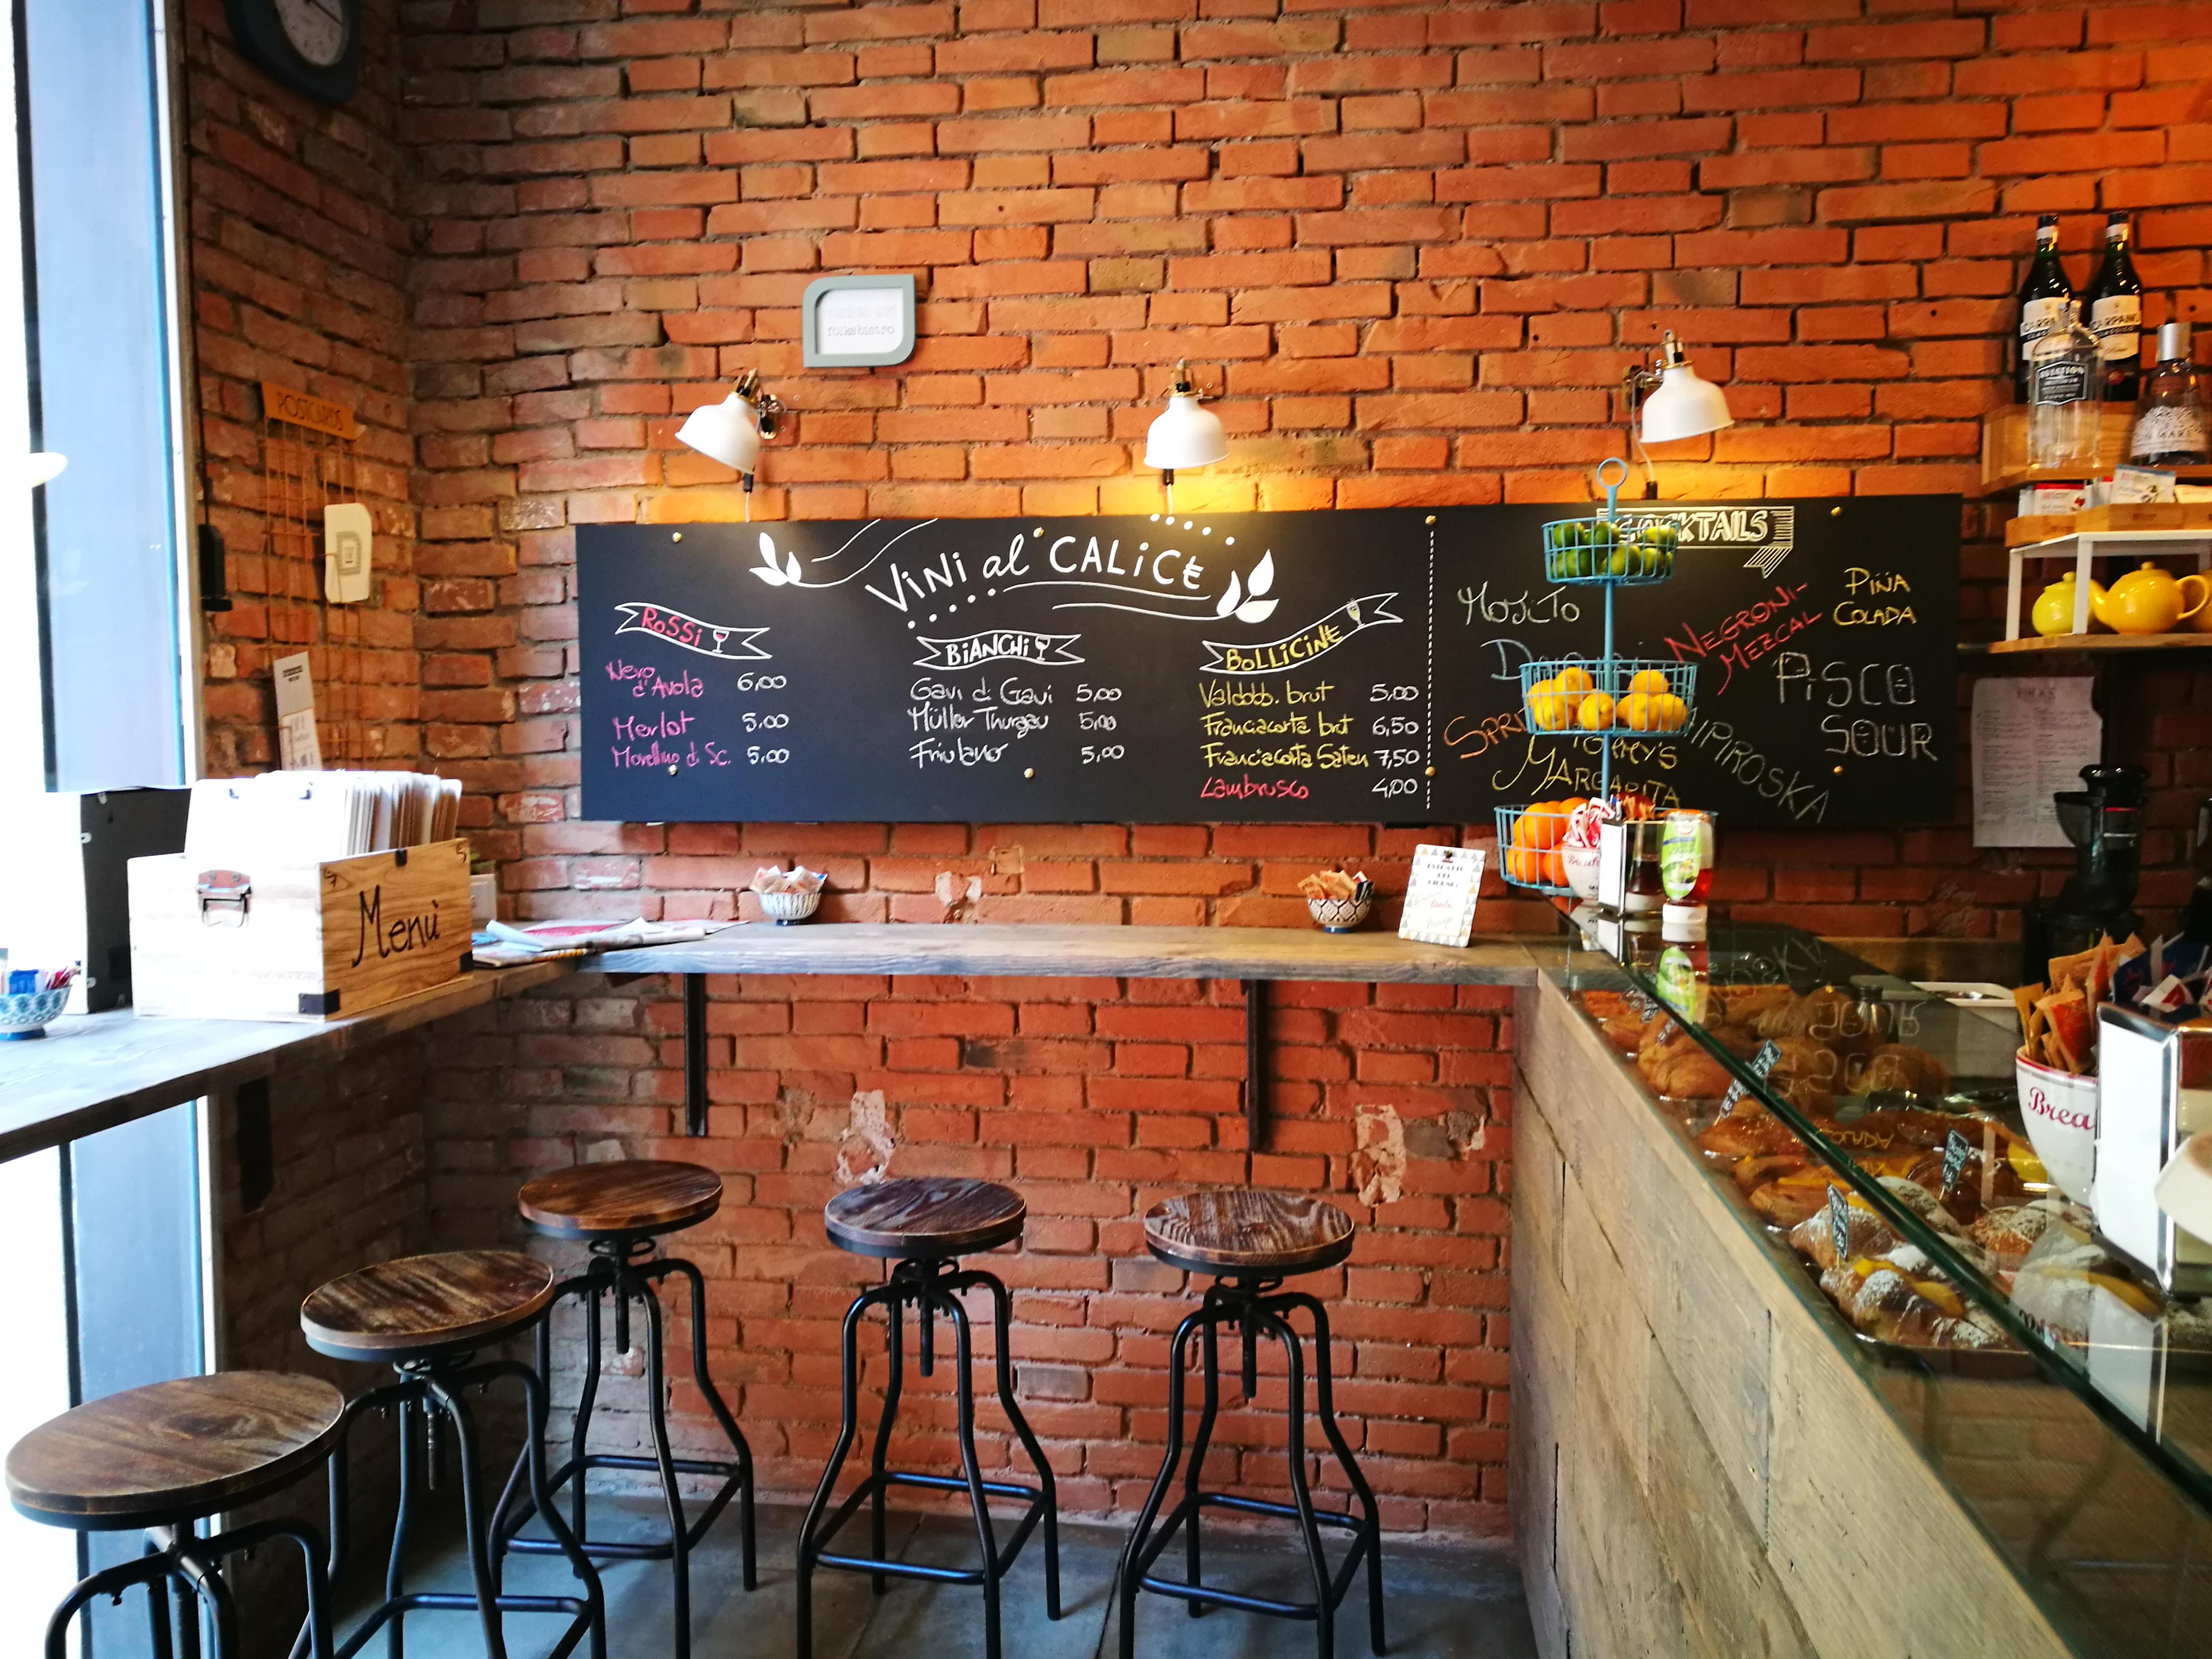 Locali e ristoranti a Bologna: nuove proposte primaverili | BOLOGNA ...